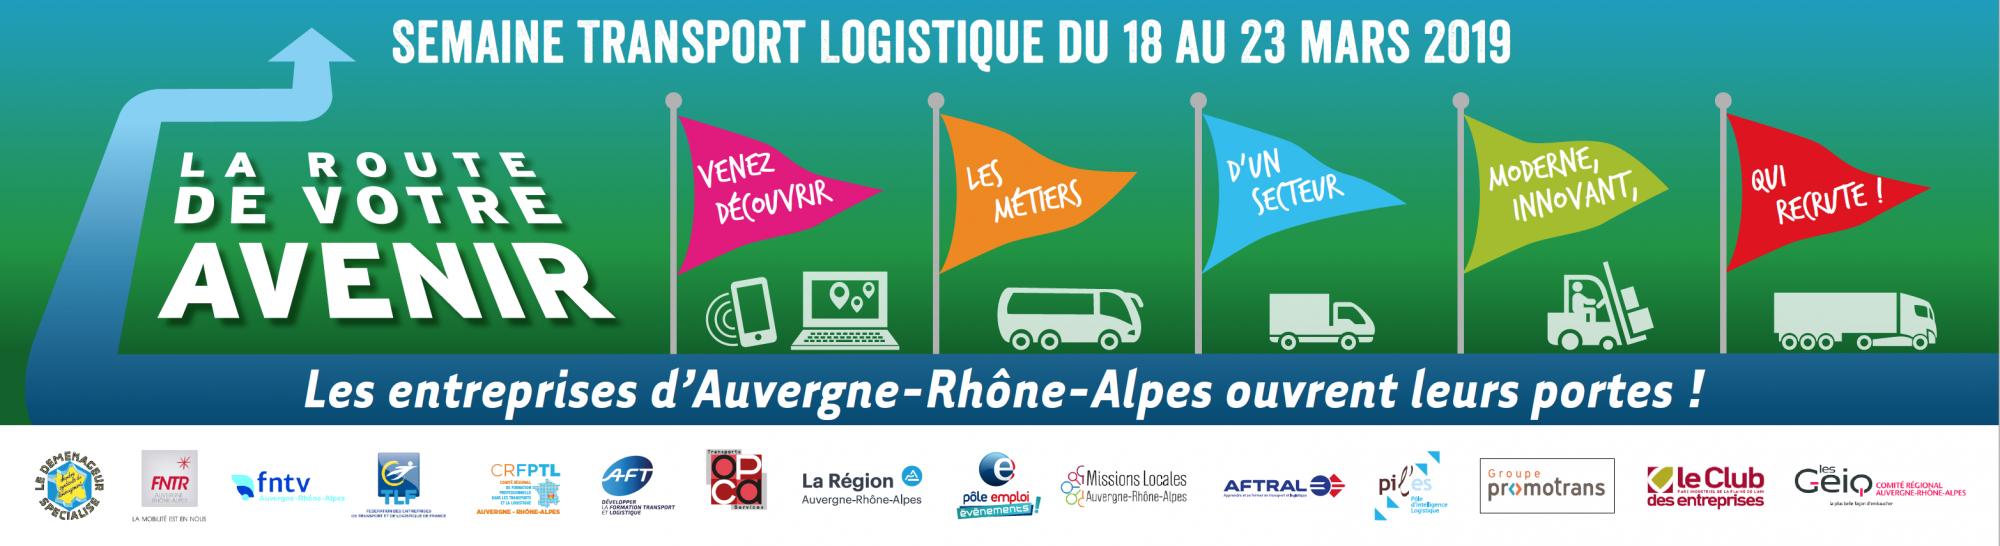 2ème édition de la semaine transport logistique : la route de votre avenir